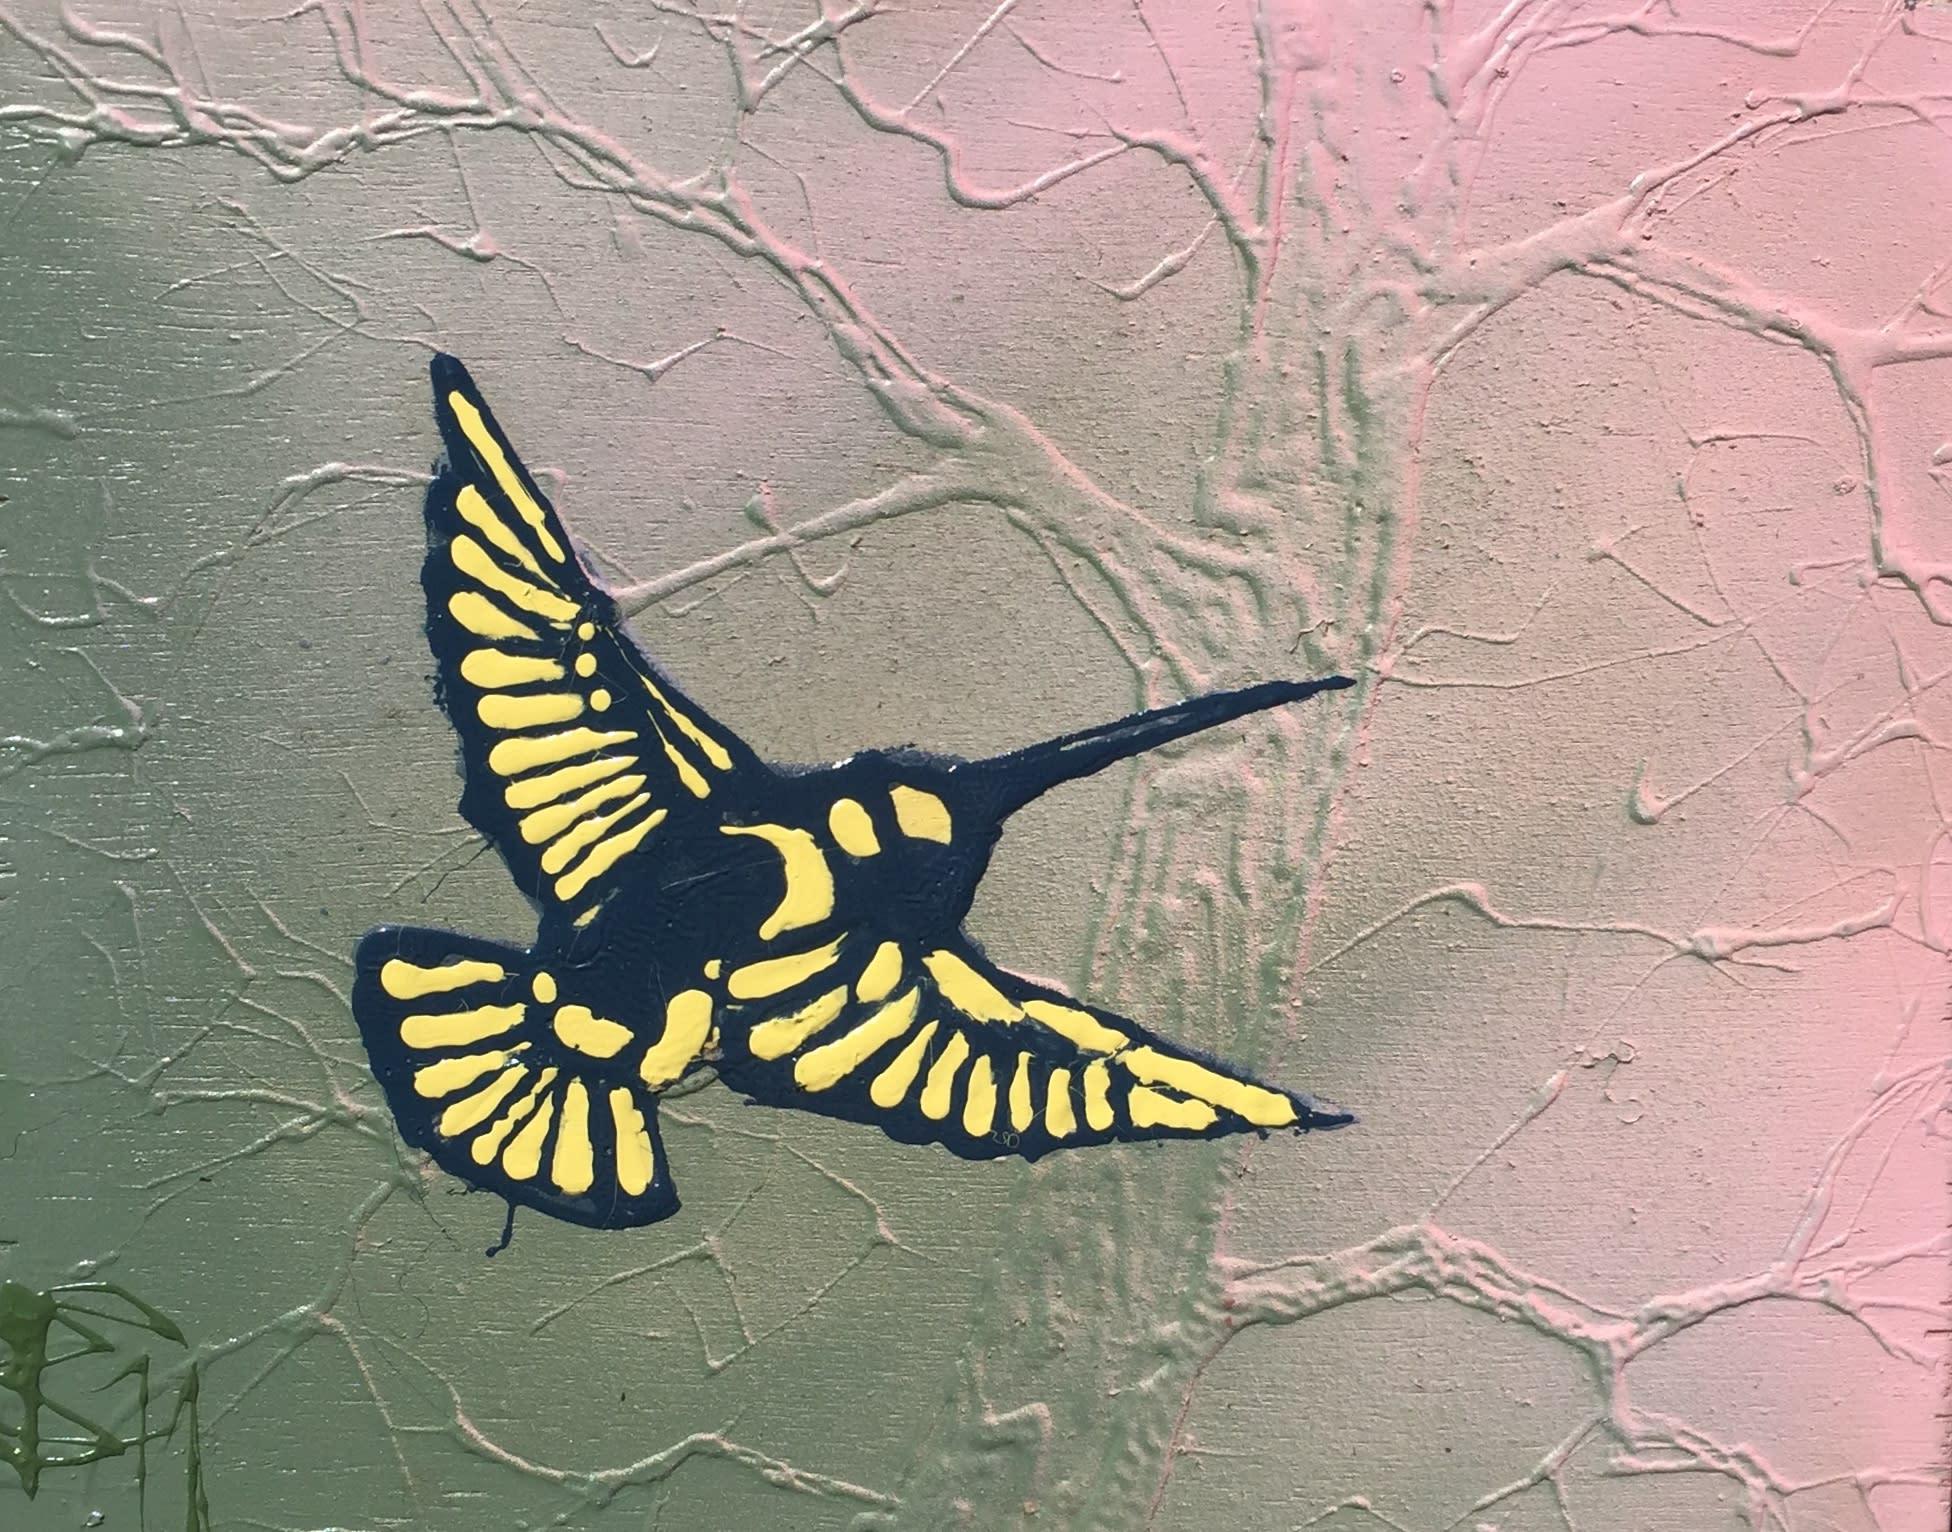 Dynamo hummingbird 11x14  265.00 rqbtzg